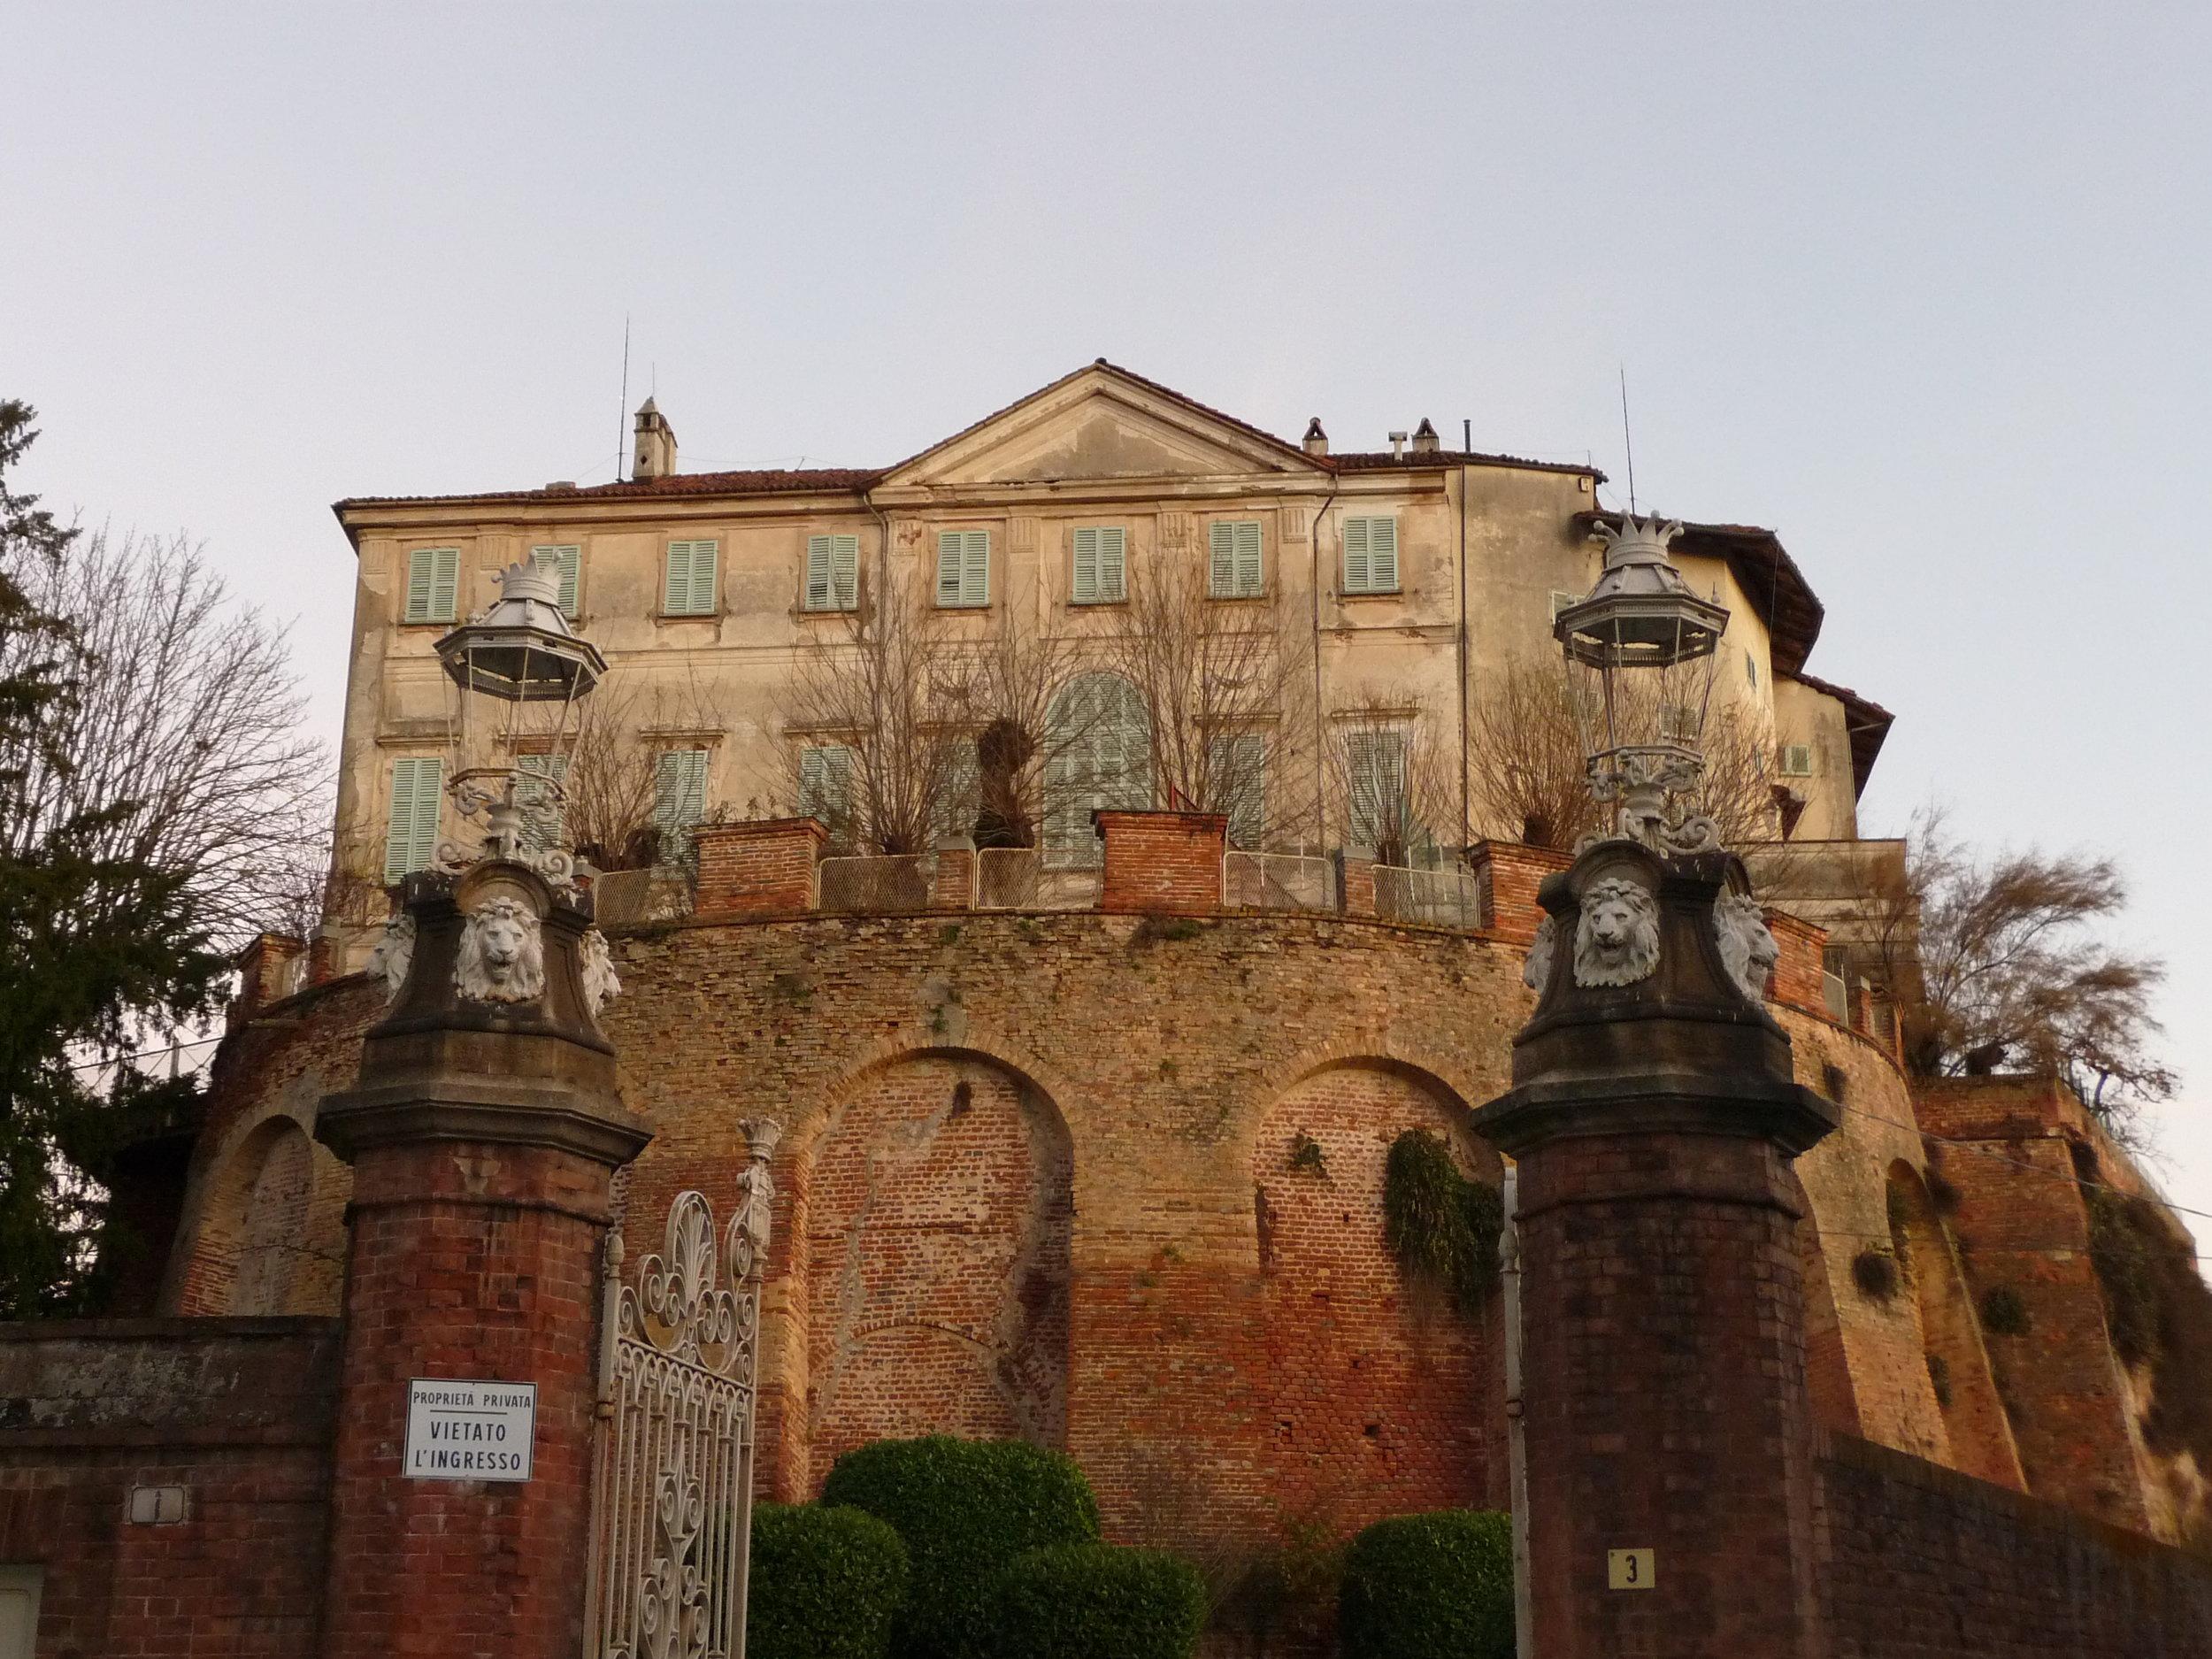 SOMMARIVA PERNO LANGHE ROERO PIEMONTE TURISMO TOUR PERCORSI TURISTICI  COSA VEDERE.jpg